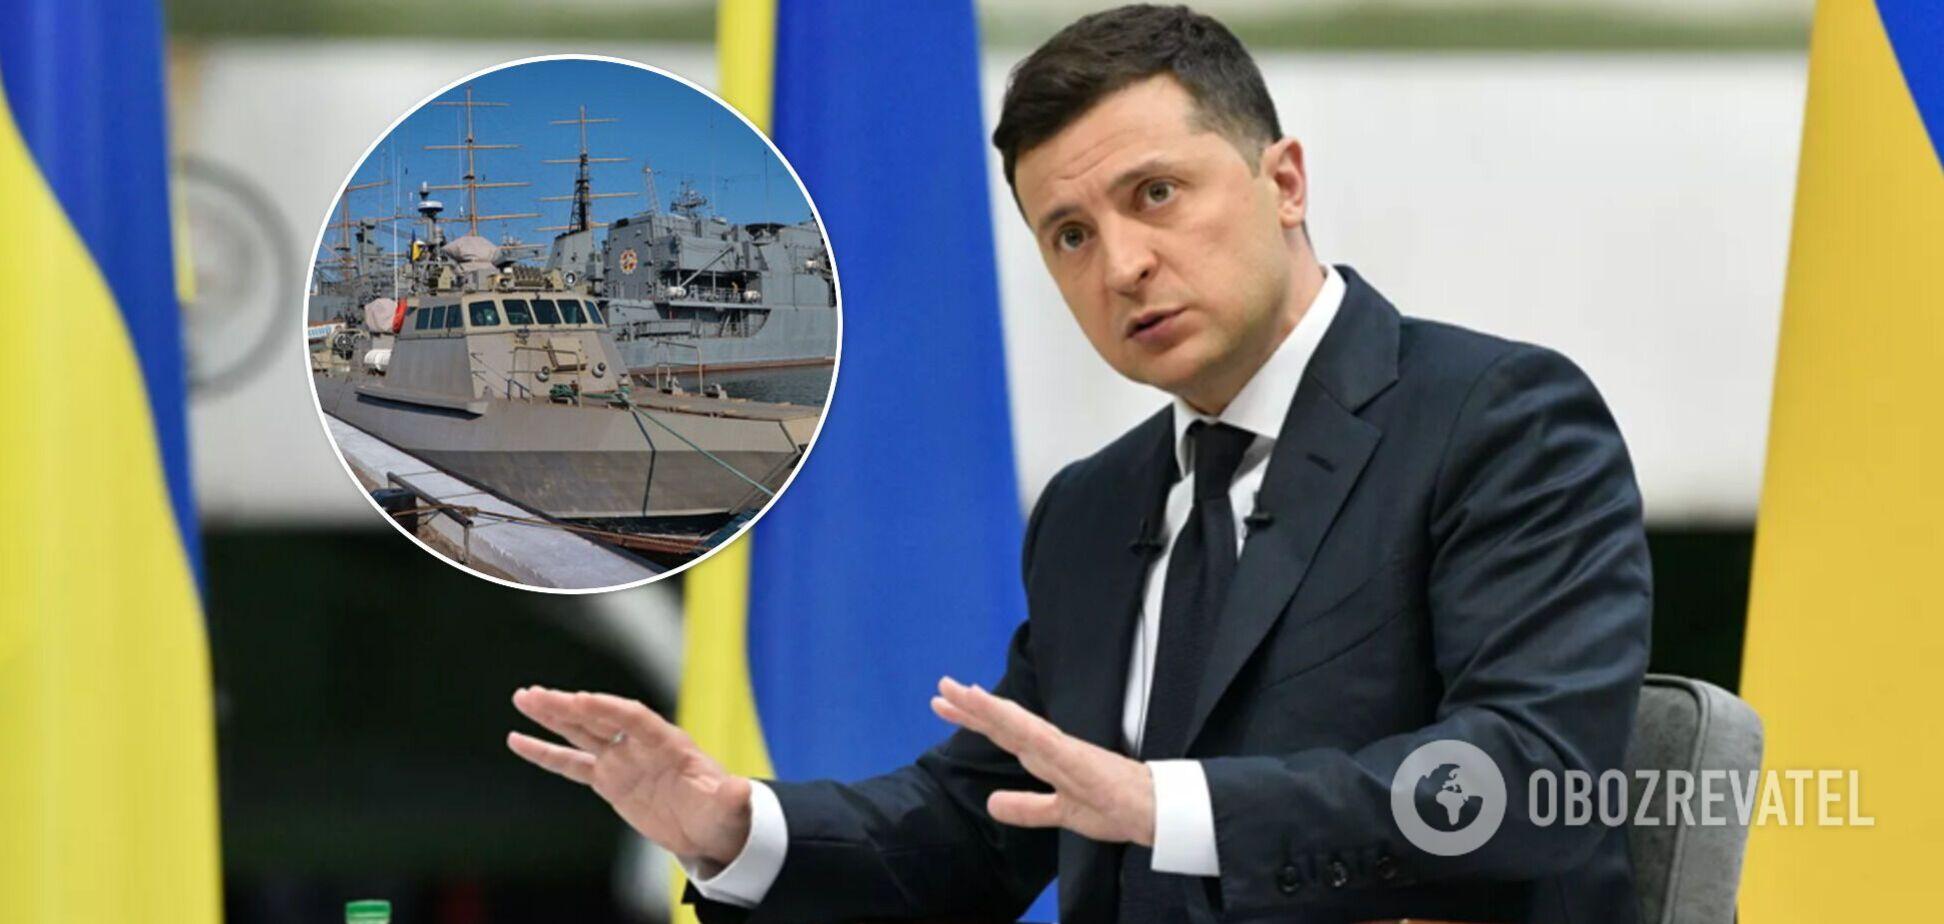 Зеленский рассказал о планах по усилению ВМС Украины